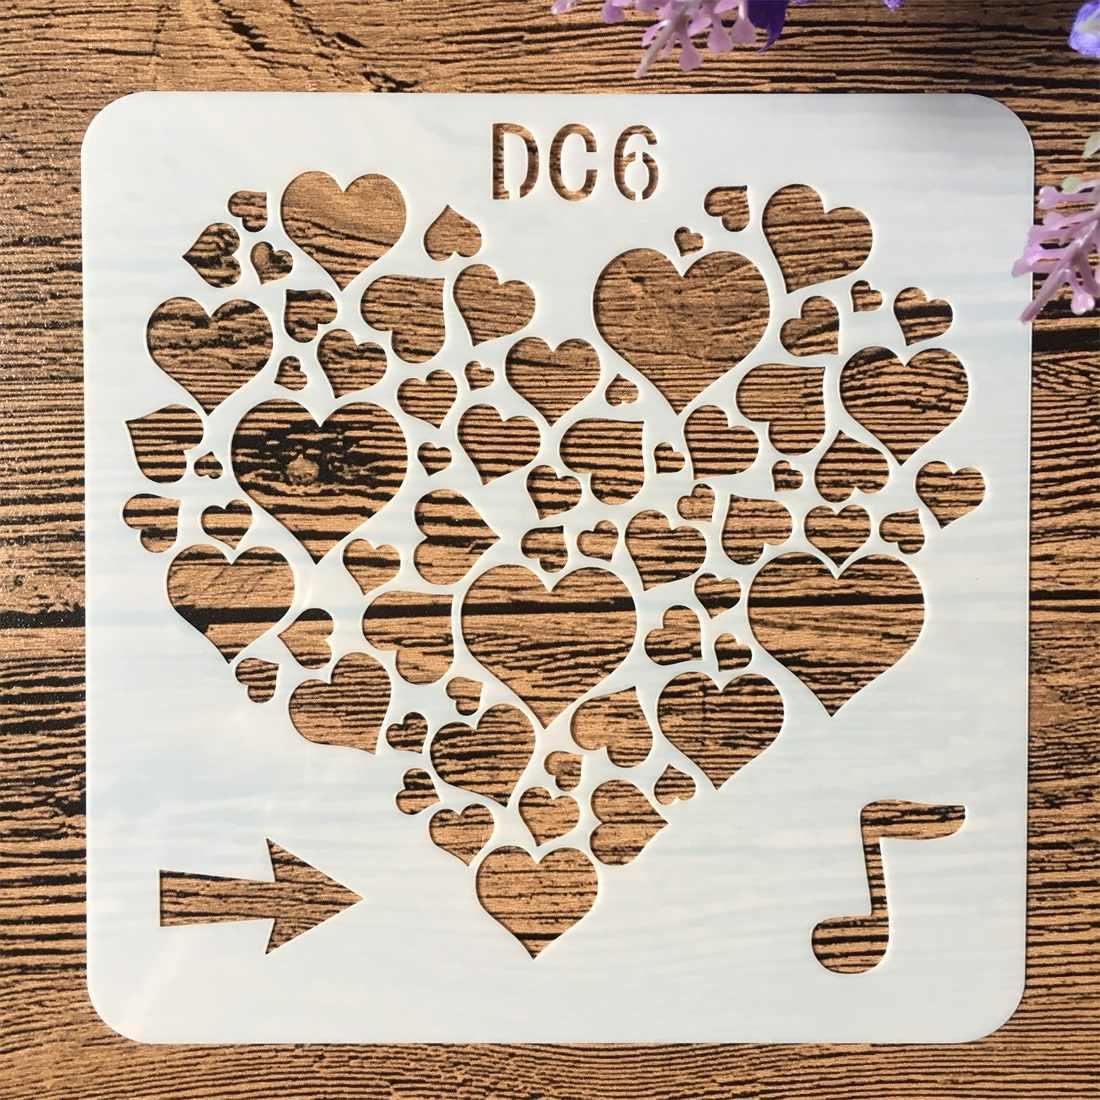 13 cm Note de musique amour coeur bricolage artisanat stratification pochoirs peinture murale Scrapbook timbre gaufrage Album décoratif carte modèle